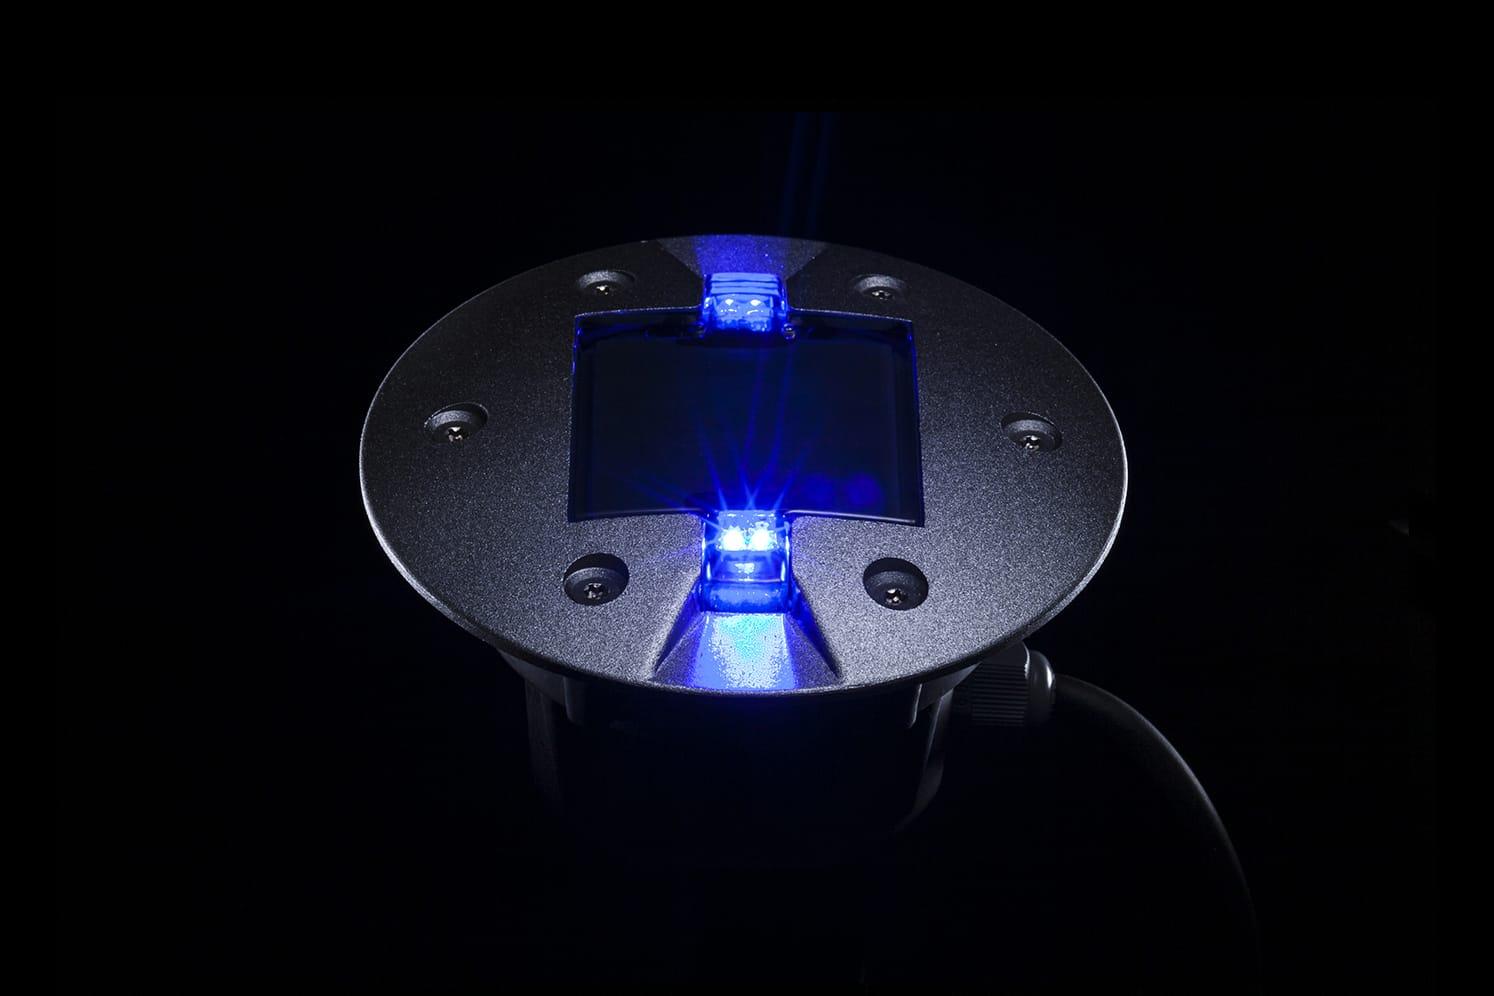 Plot LED routier bleu pour piste cyclable, voirie. ECO-843 : balisage lumineux à faible consommation énergétique adapté au passage régulier de véhicules lourds.